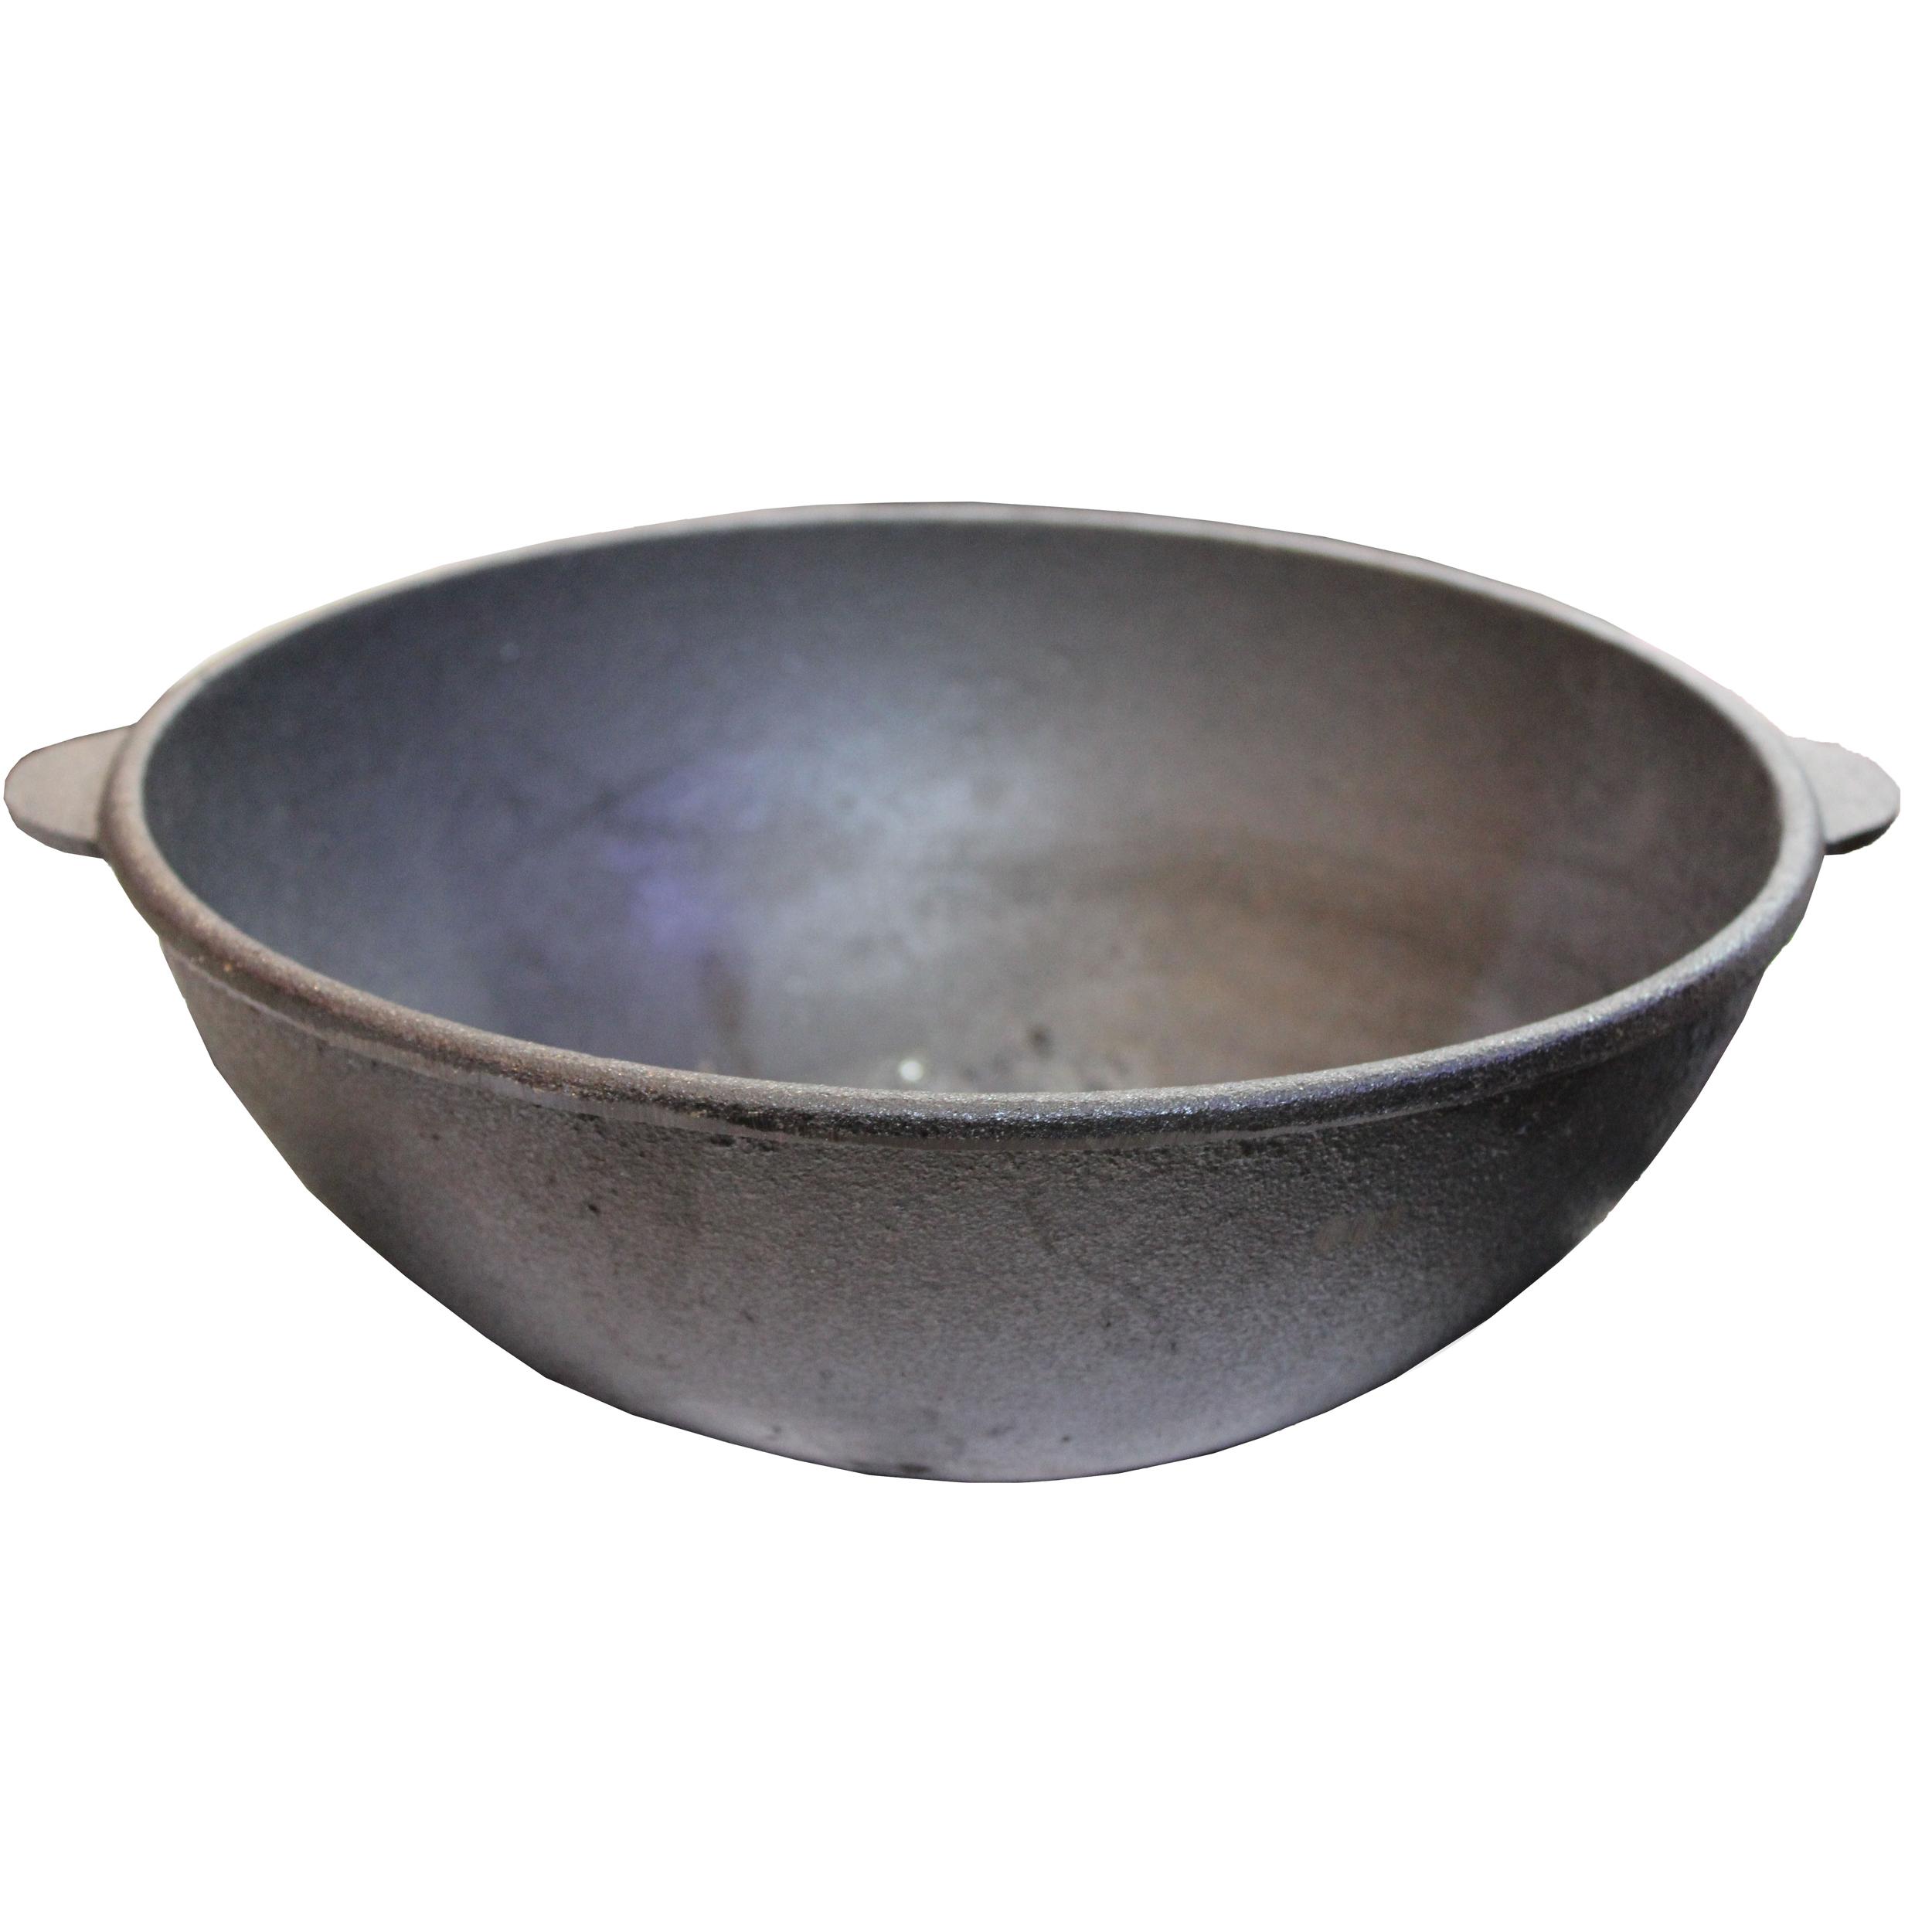 ظرف پخت کد P4 سایز 36